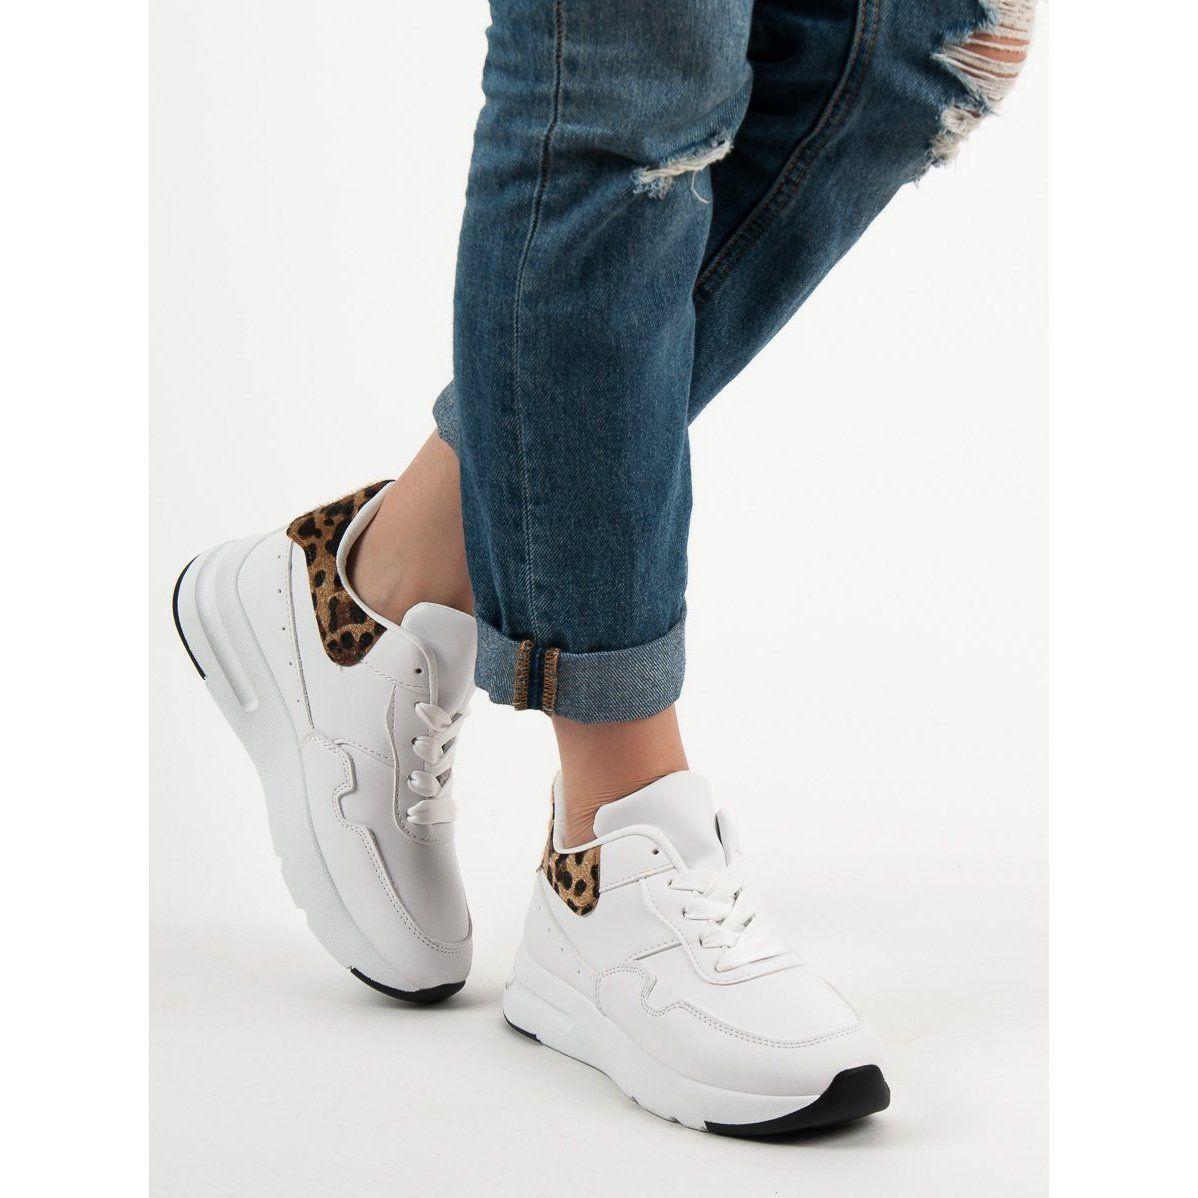 Shelovet Biale Sneakersy Sneakers Nike White Sneaker Air Max Sneakers